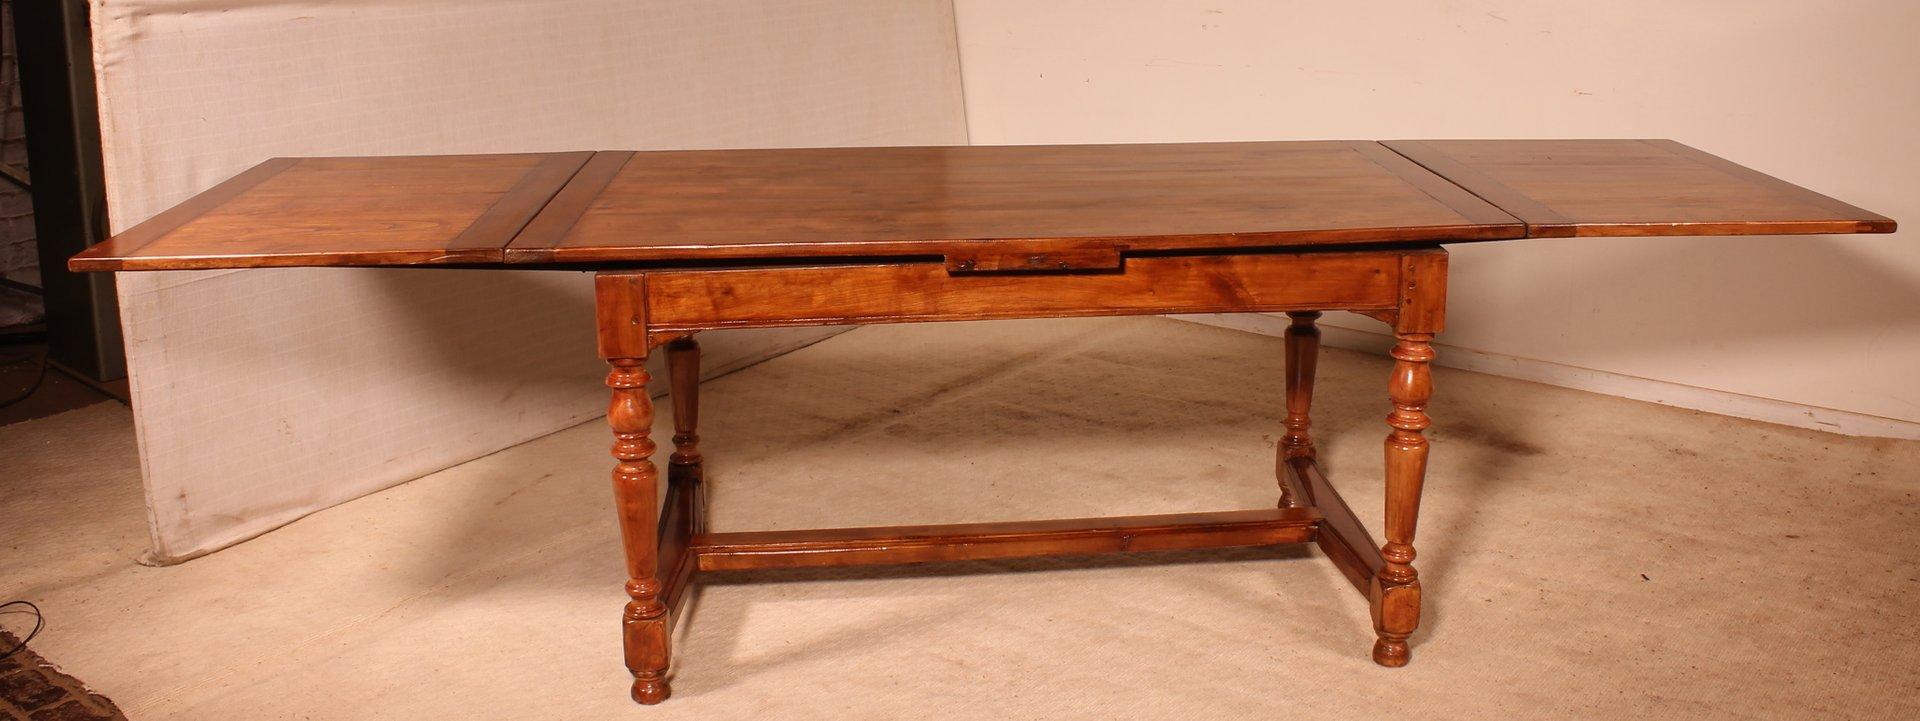 petite table de salle a manger a rallonge avec pieds tournes france 19eme siecle